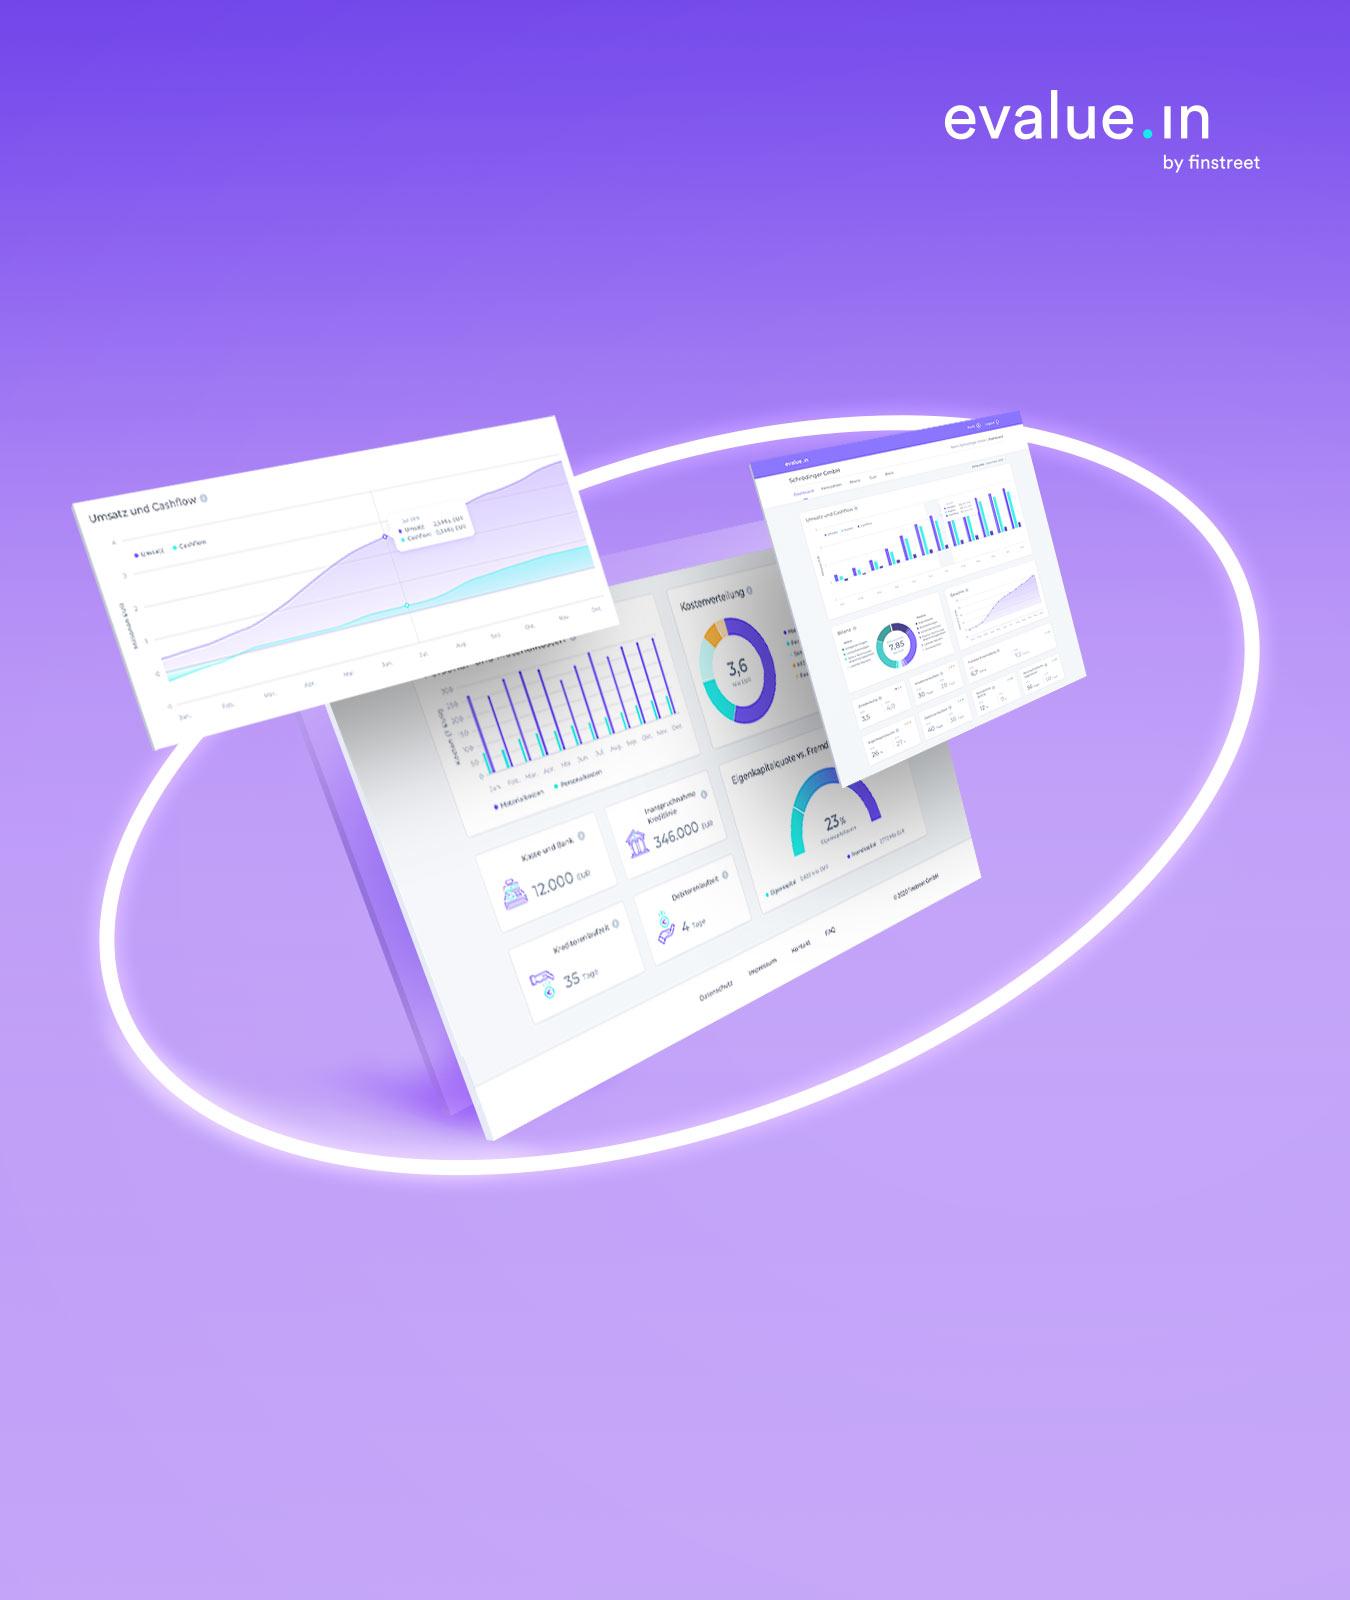 Um das Dashboard und Screens der Anwendung evalue.in by finstreet legt sich ein weißer, leuchtender Kreis auf lilafarbenem Hintergrund